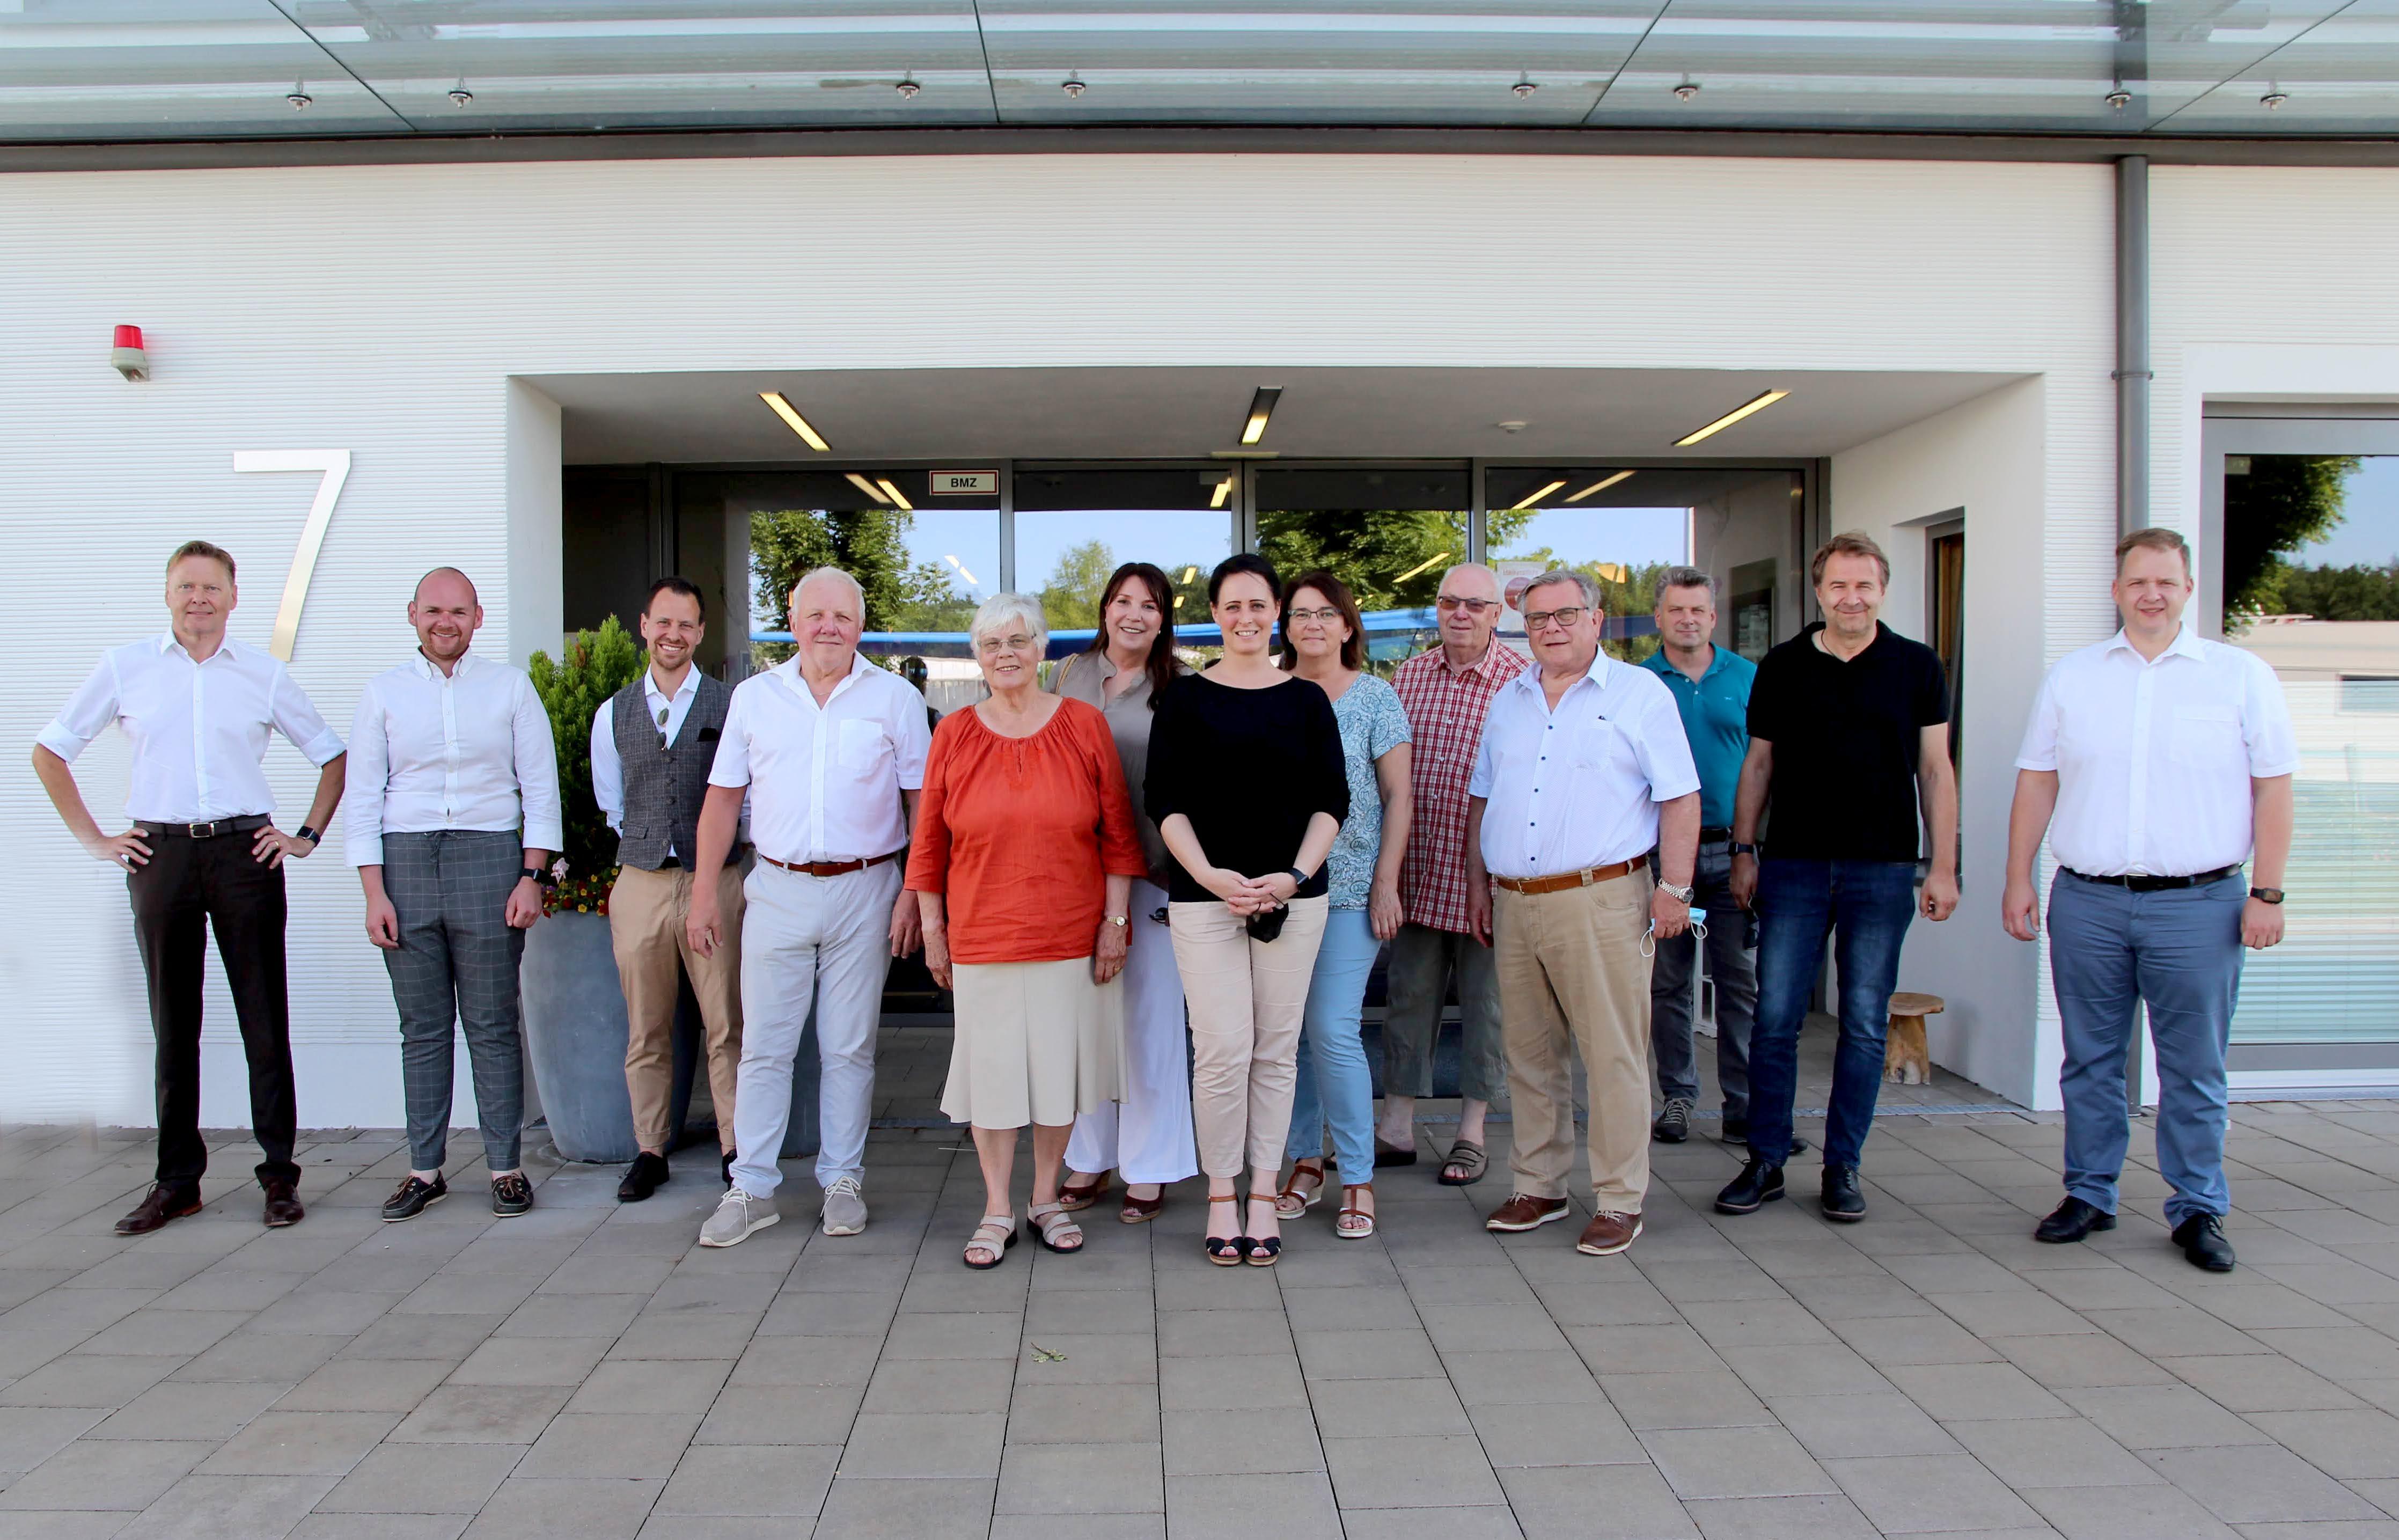 Die neue Leitung IWW Martina Voigt (Bildmitte) stellte sich jetzt dem Vorstandsgremium, der Geschäftsleitung sowie den Leitern Hauptverwaltung, Controlling und Personal, vor. Ab September sollen die Bauarbeiten für die Aufstockung beginnen.